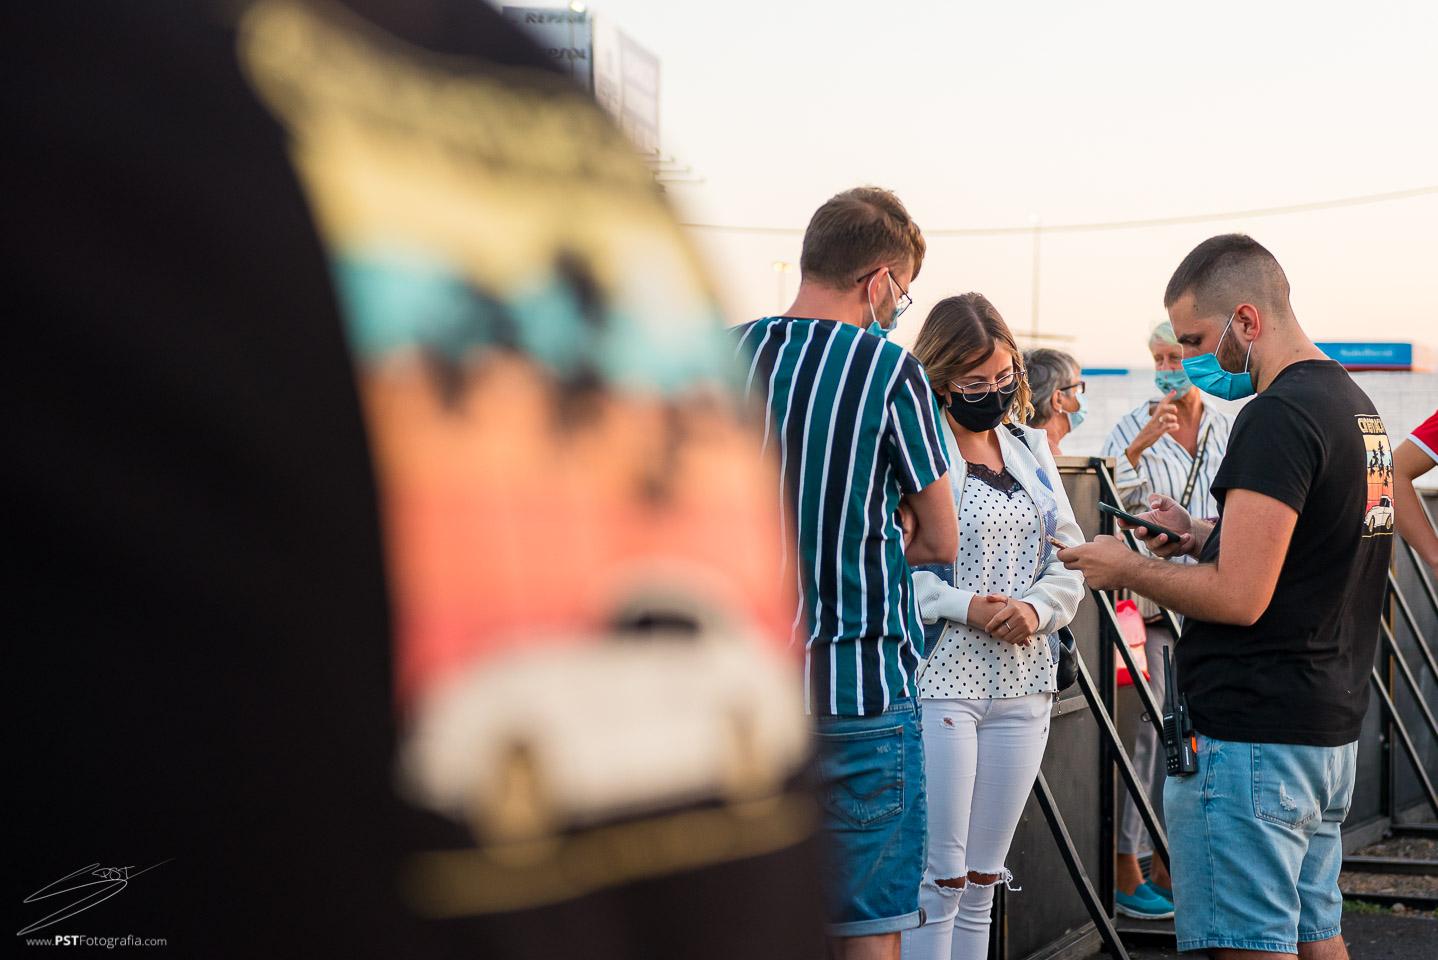 Trabajadores de Cinemacar validan las entradas del espectáculo